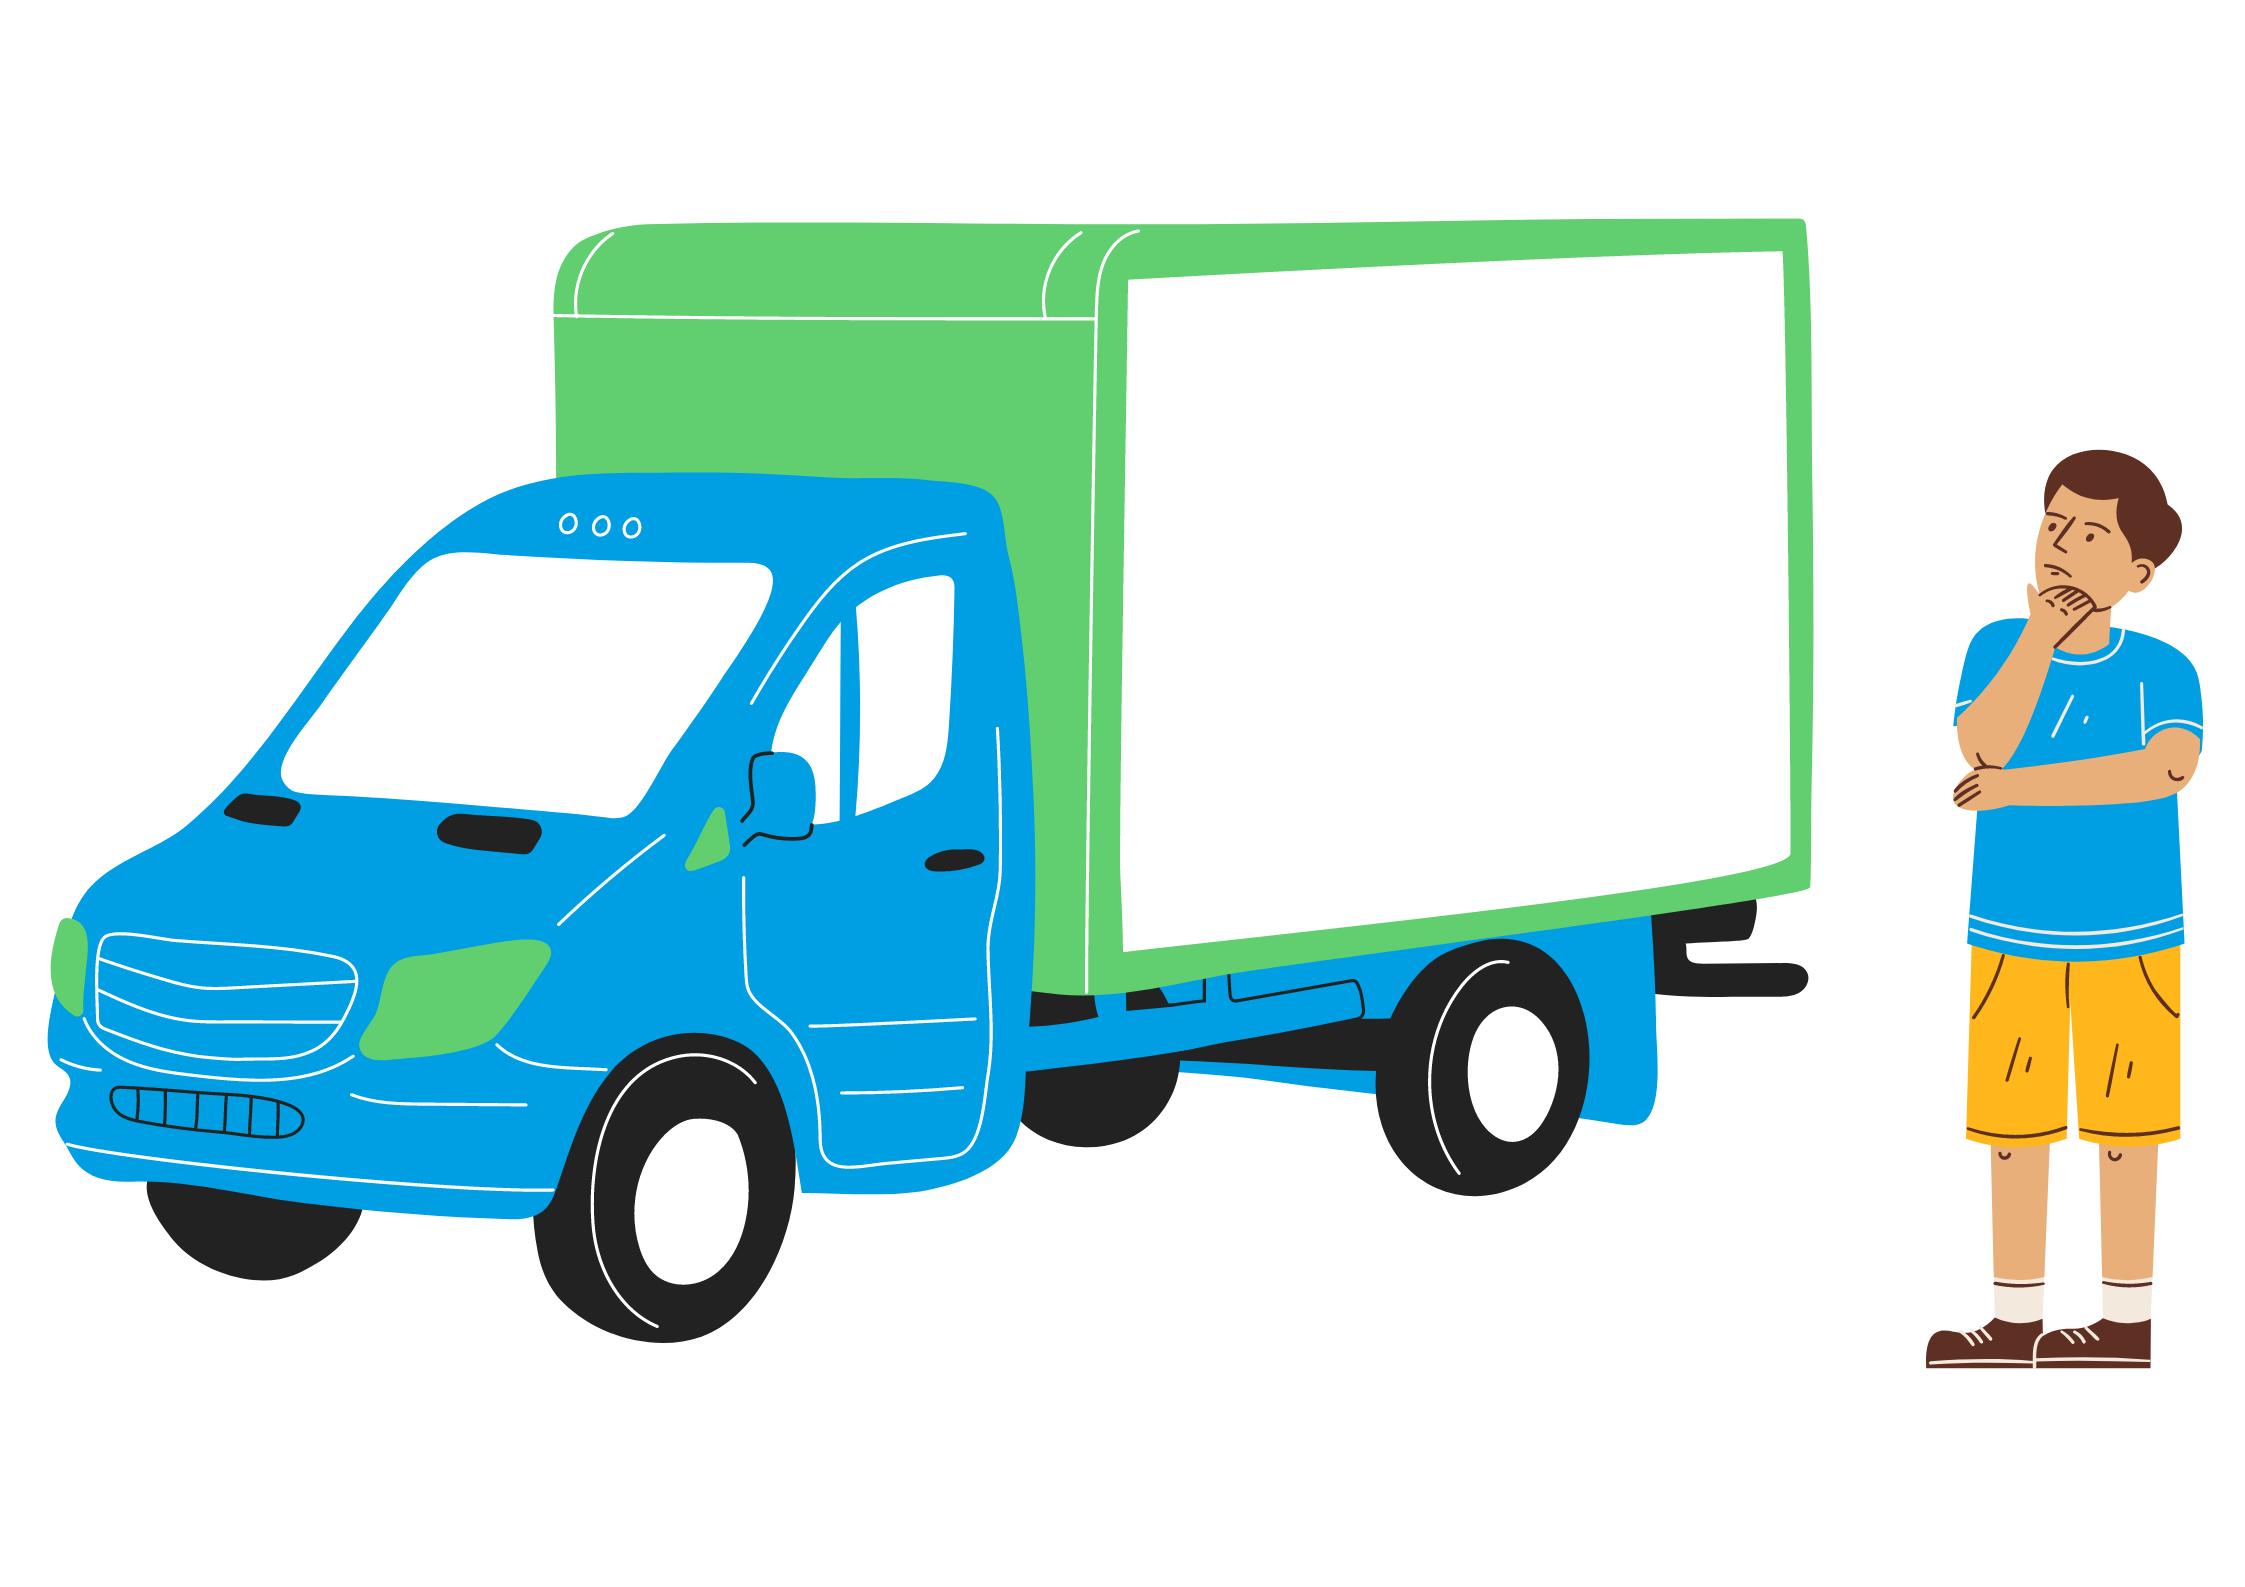 Animatie bij 'plan voor vrachtwagenreclame'